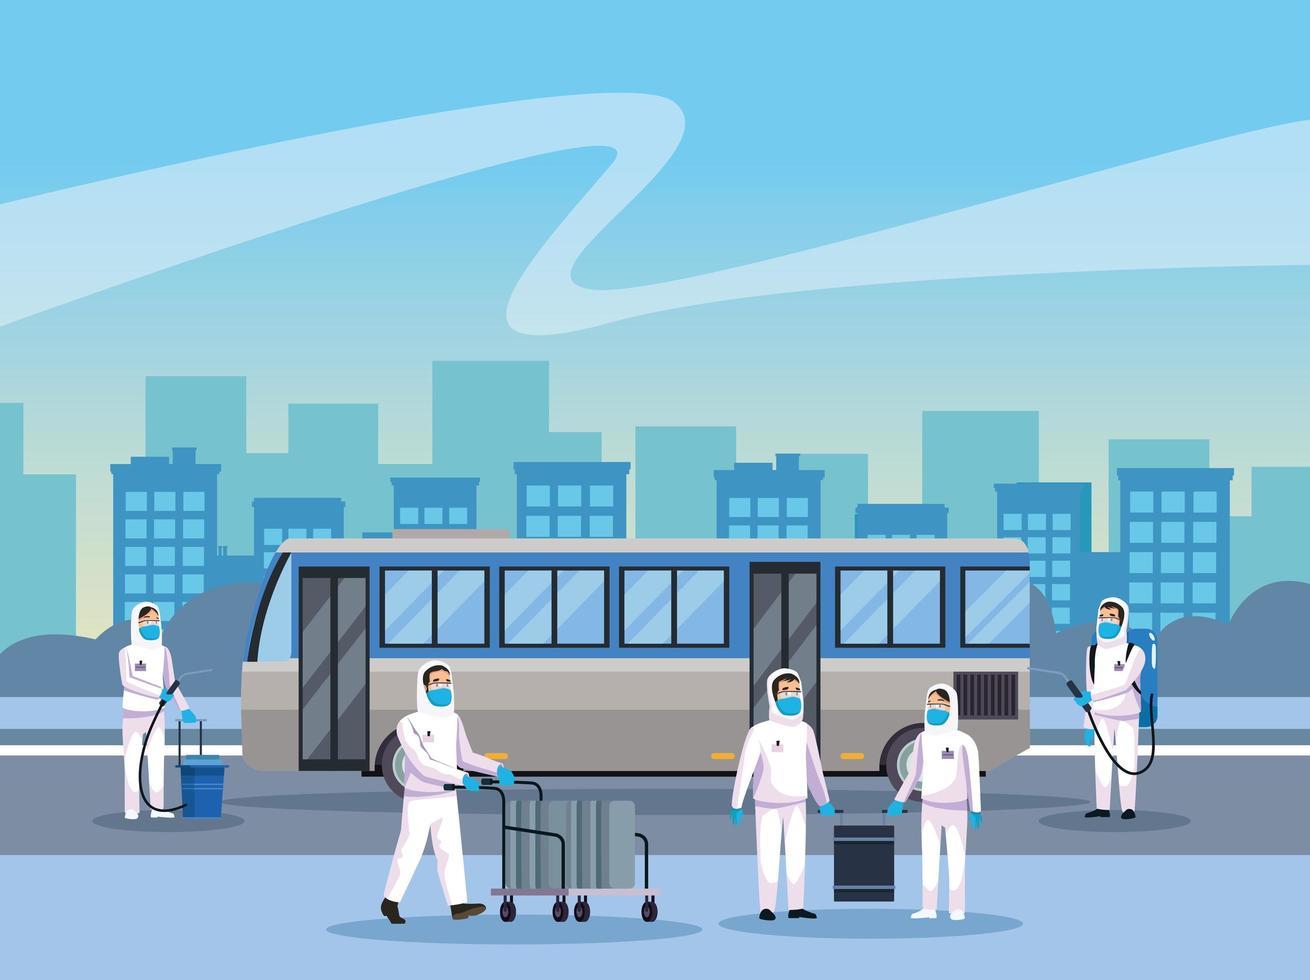 pessoal de limpeza de risco biológico limpando um ônibus vetor